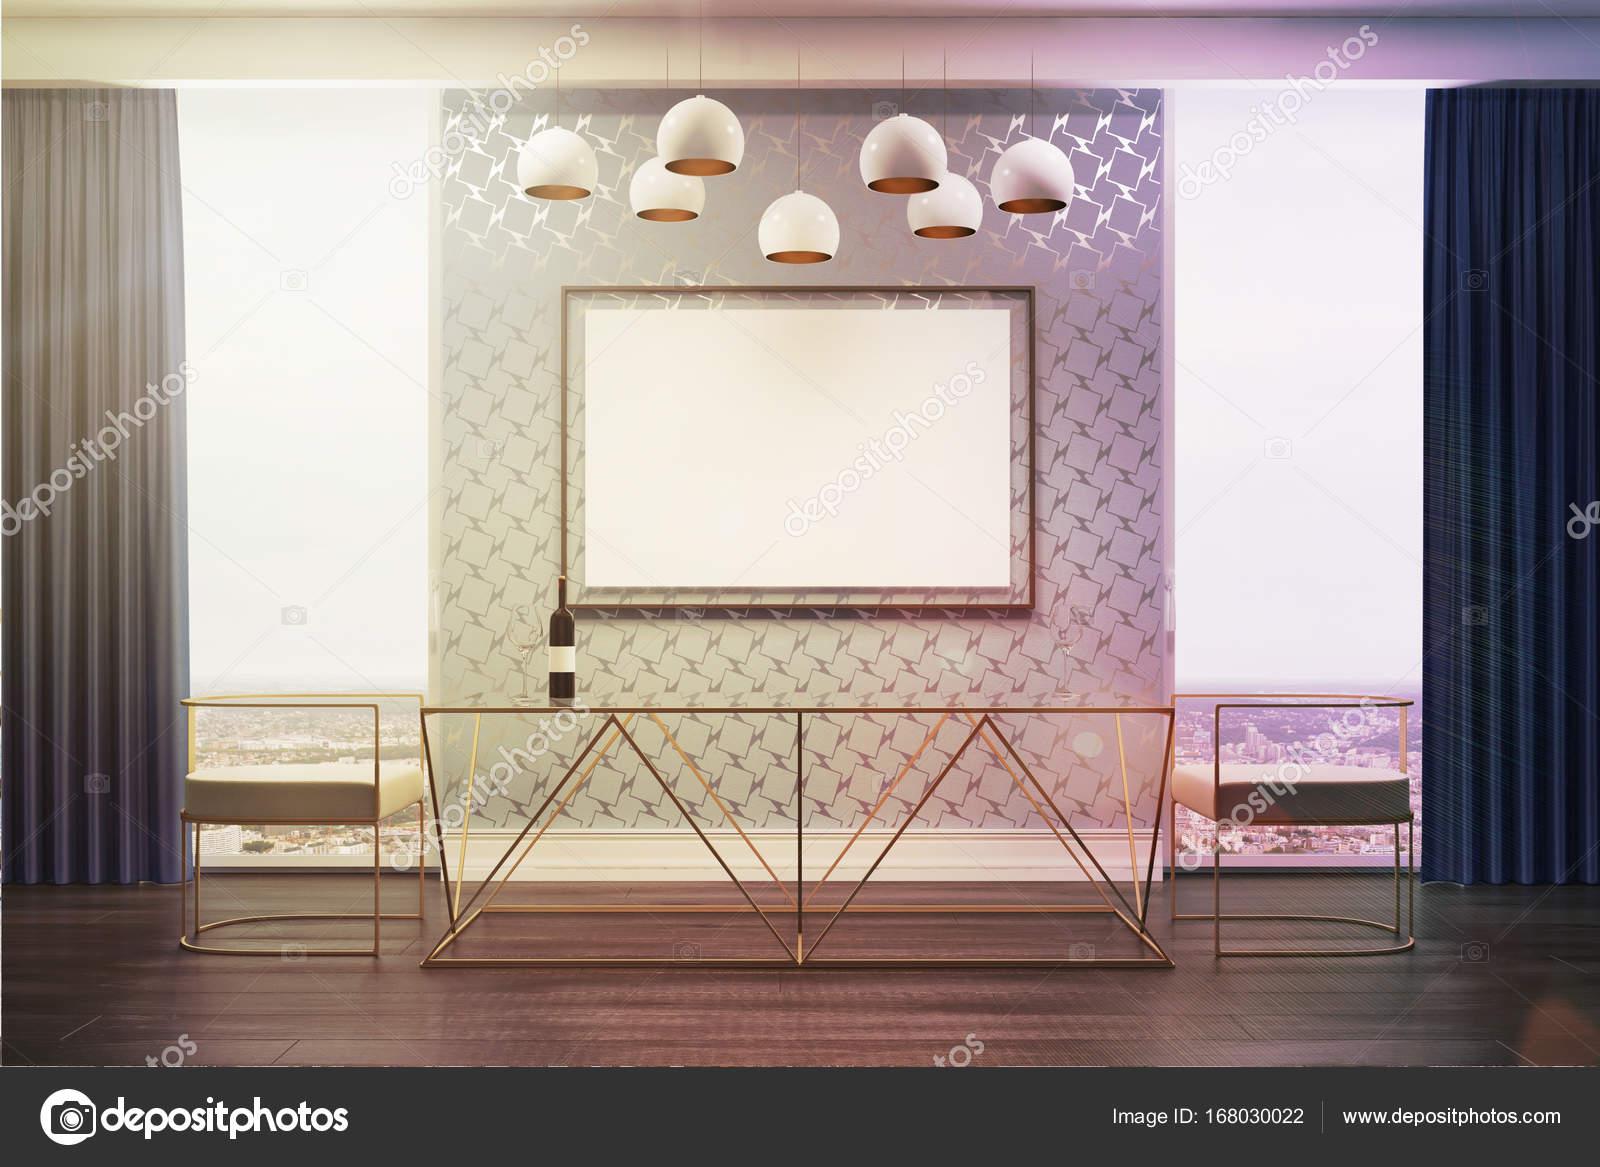 Cadeiras Sala Cinza Branco Tonificada De Cartaz Stock Photo